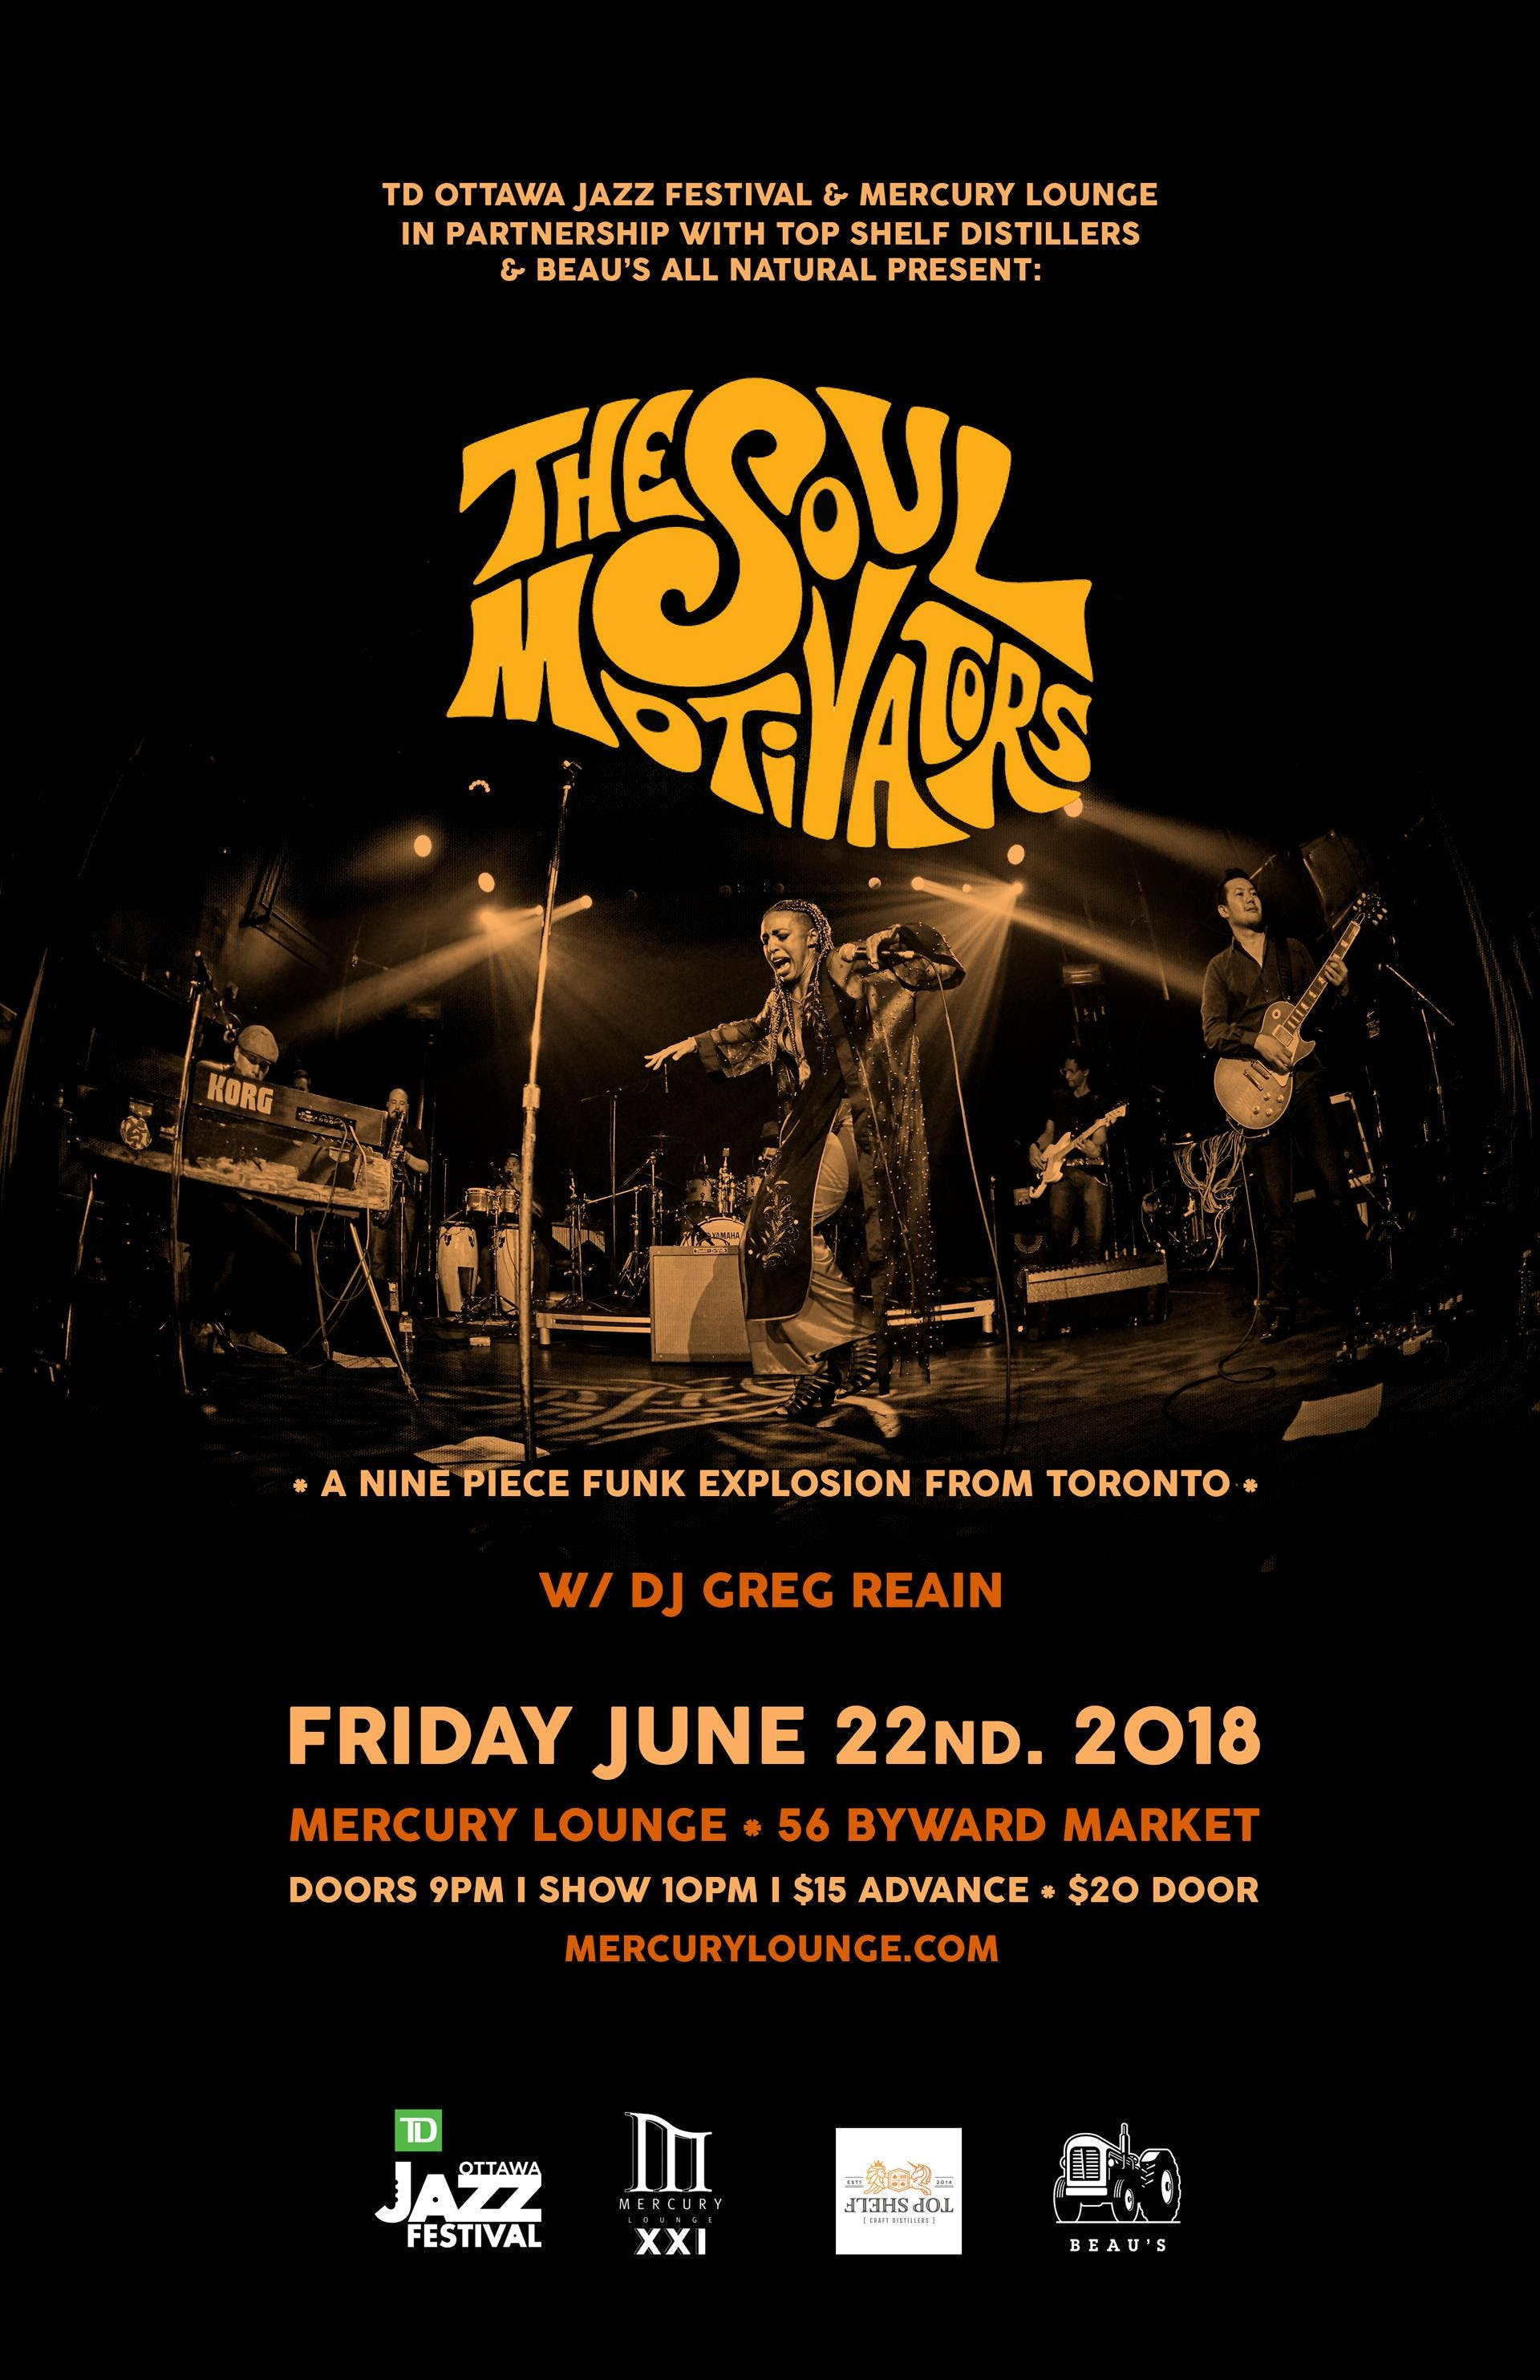 TD Ottawa Jazz Fest/Club Series: The Soul Mot